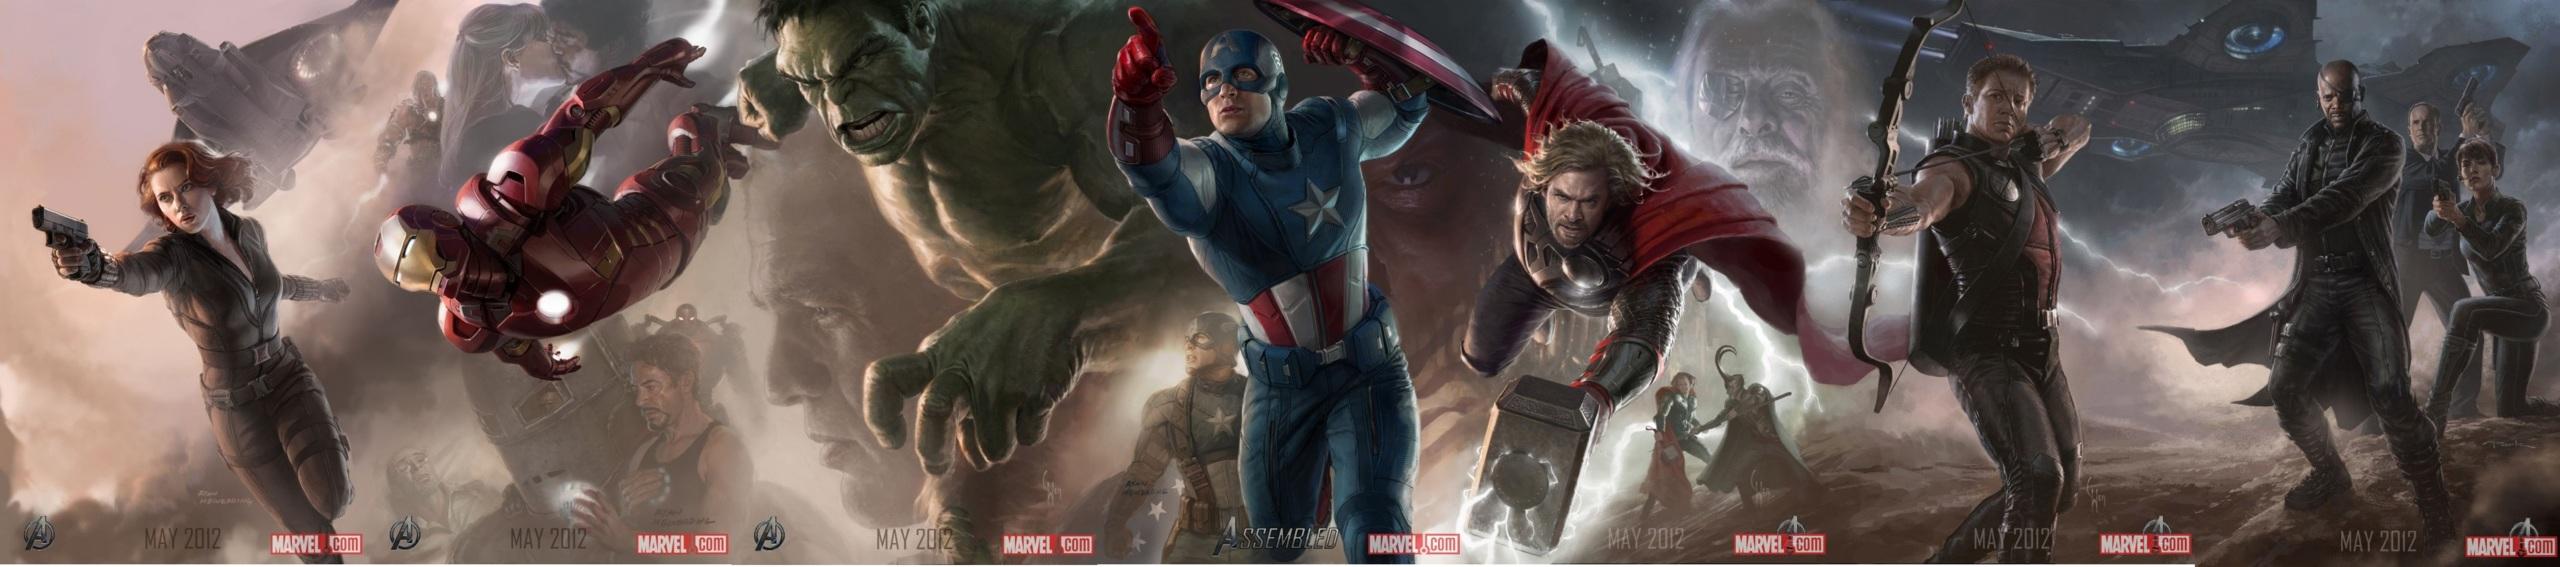 Foto de 'Los Vengadores' ('The Avengers'), teaser póster y dibujos oficiales de los protagonistas (2/9)